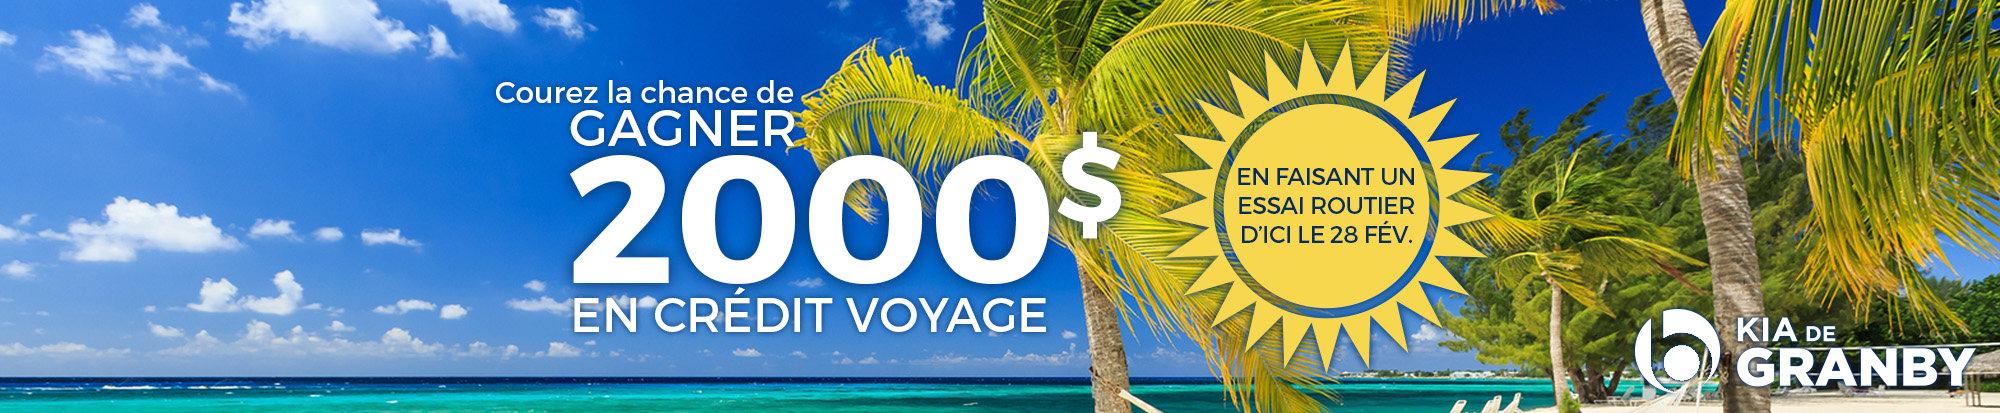 Courez la chance de gagner un crédit voyage!